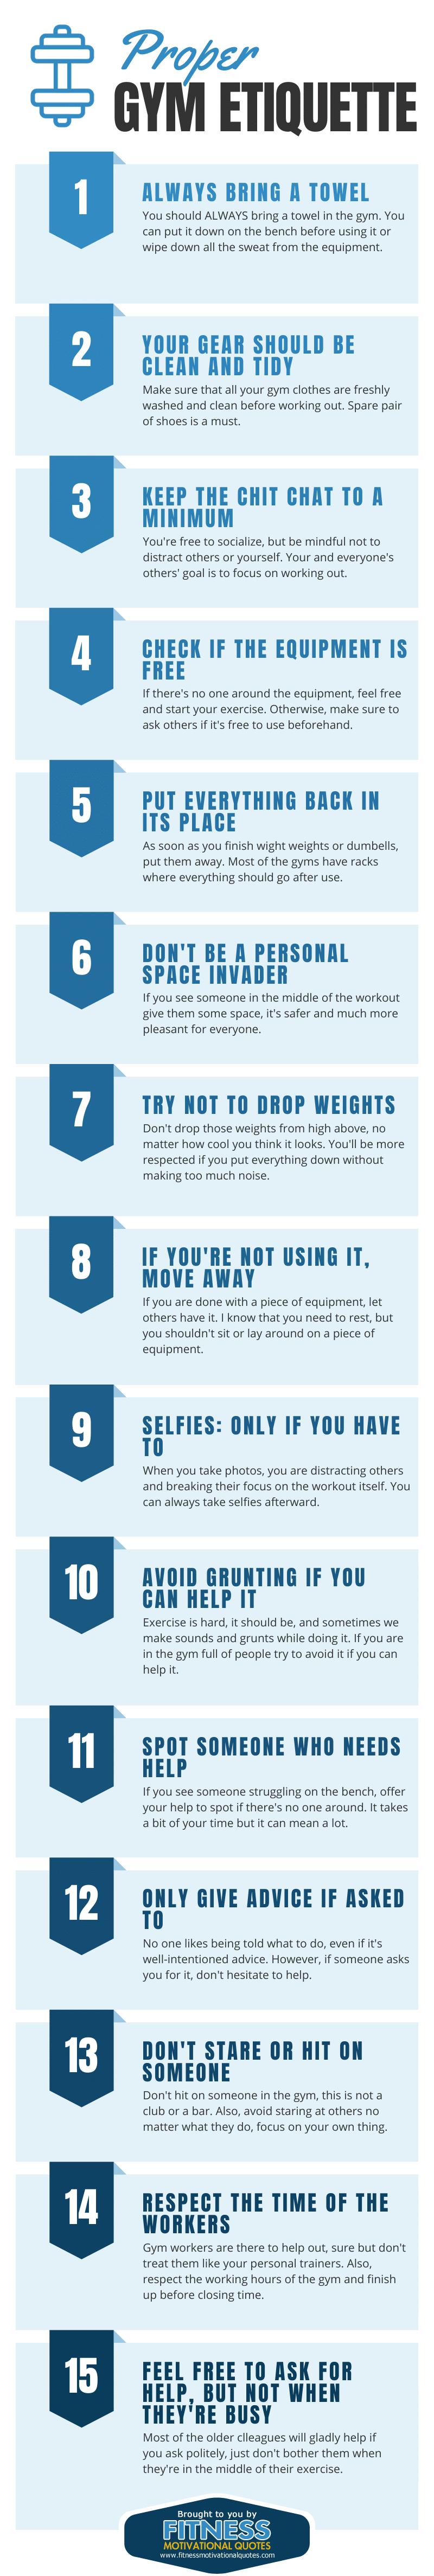 Proper gym etiquette